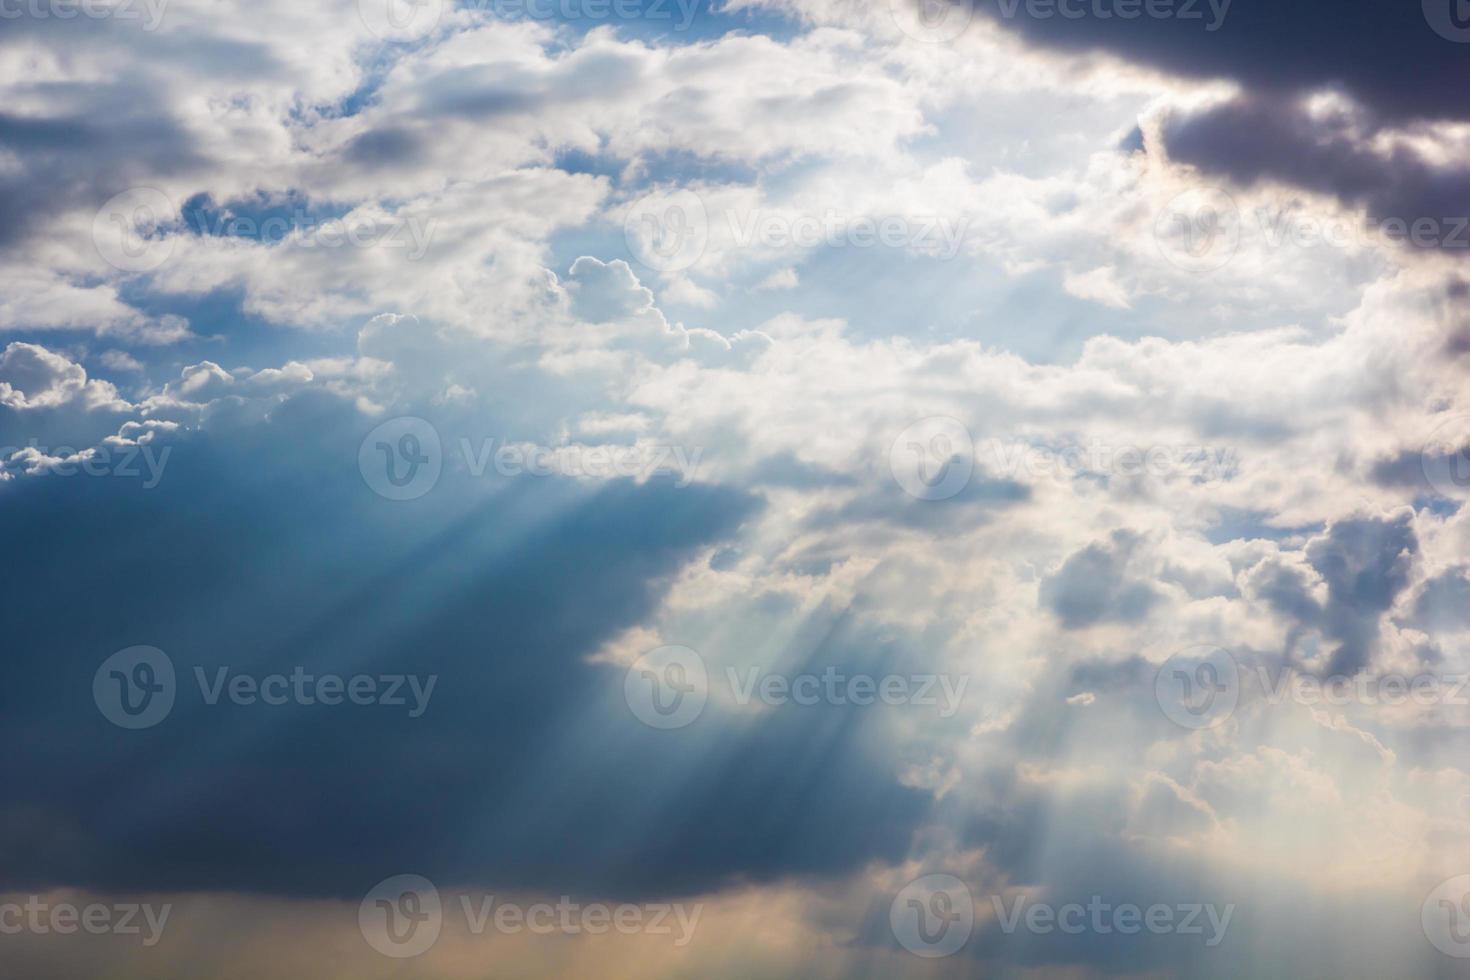 raio de sol através da neblina no céu foto